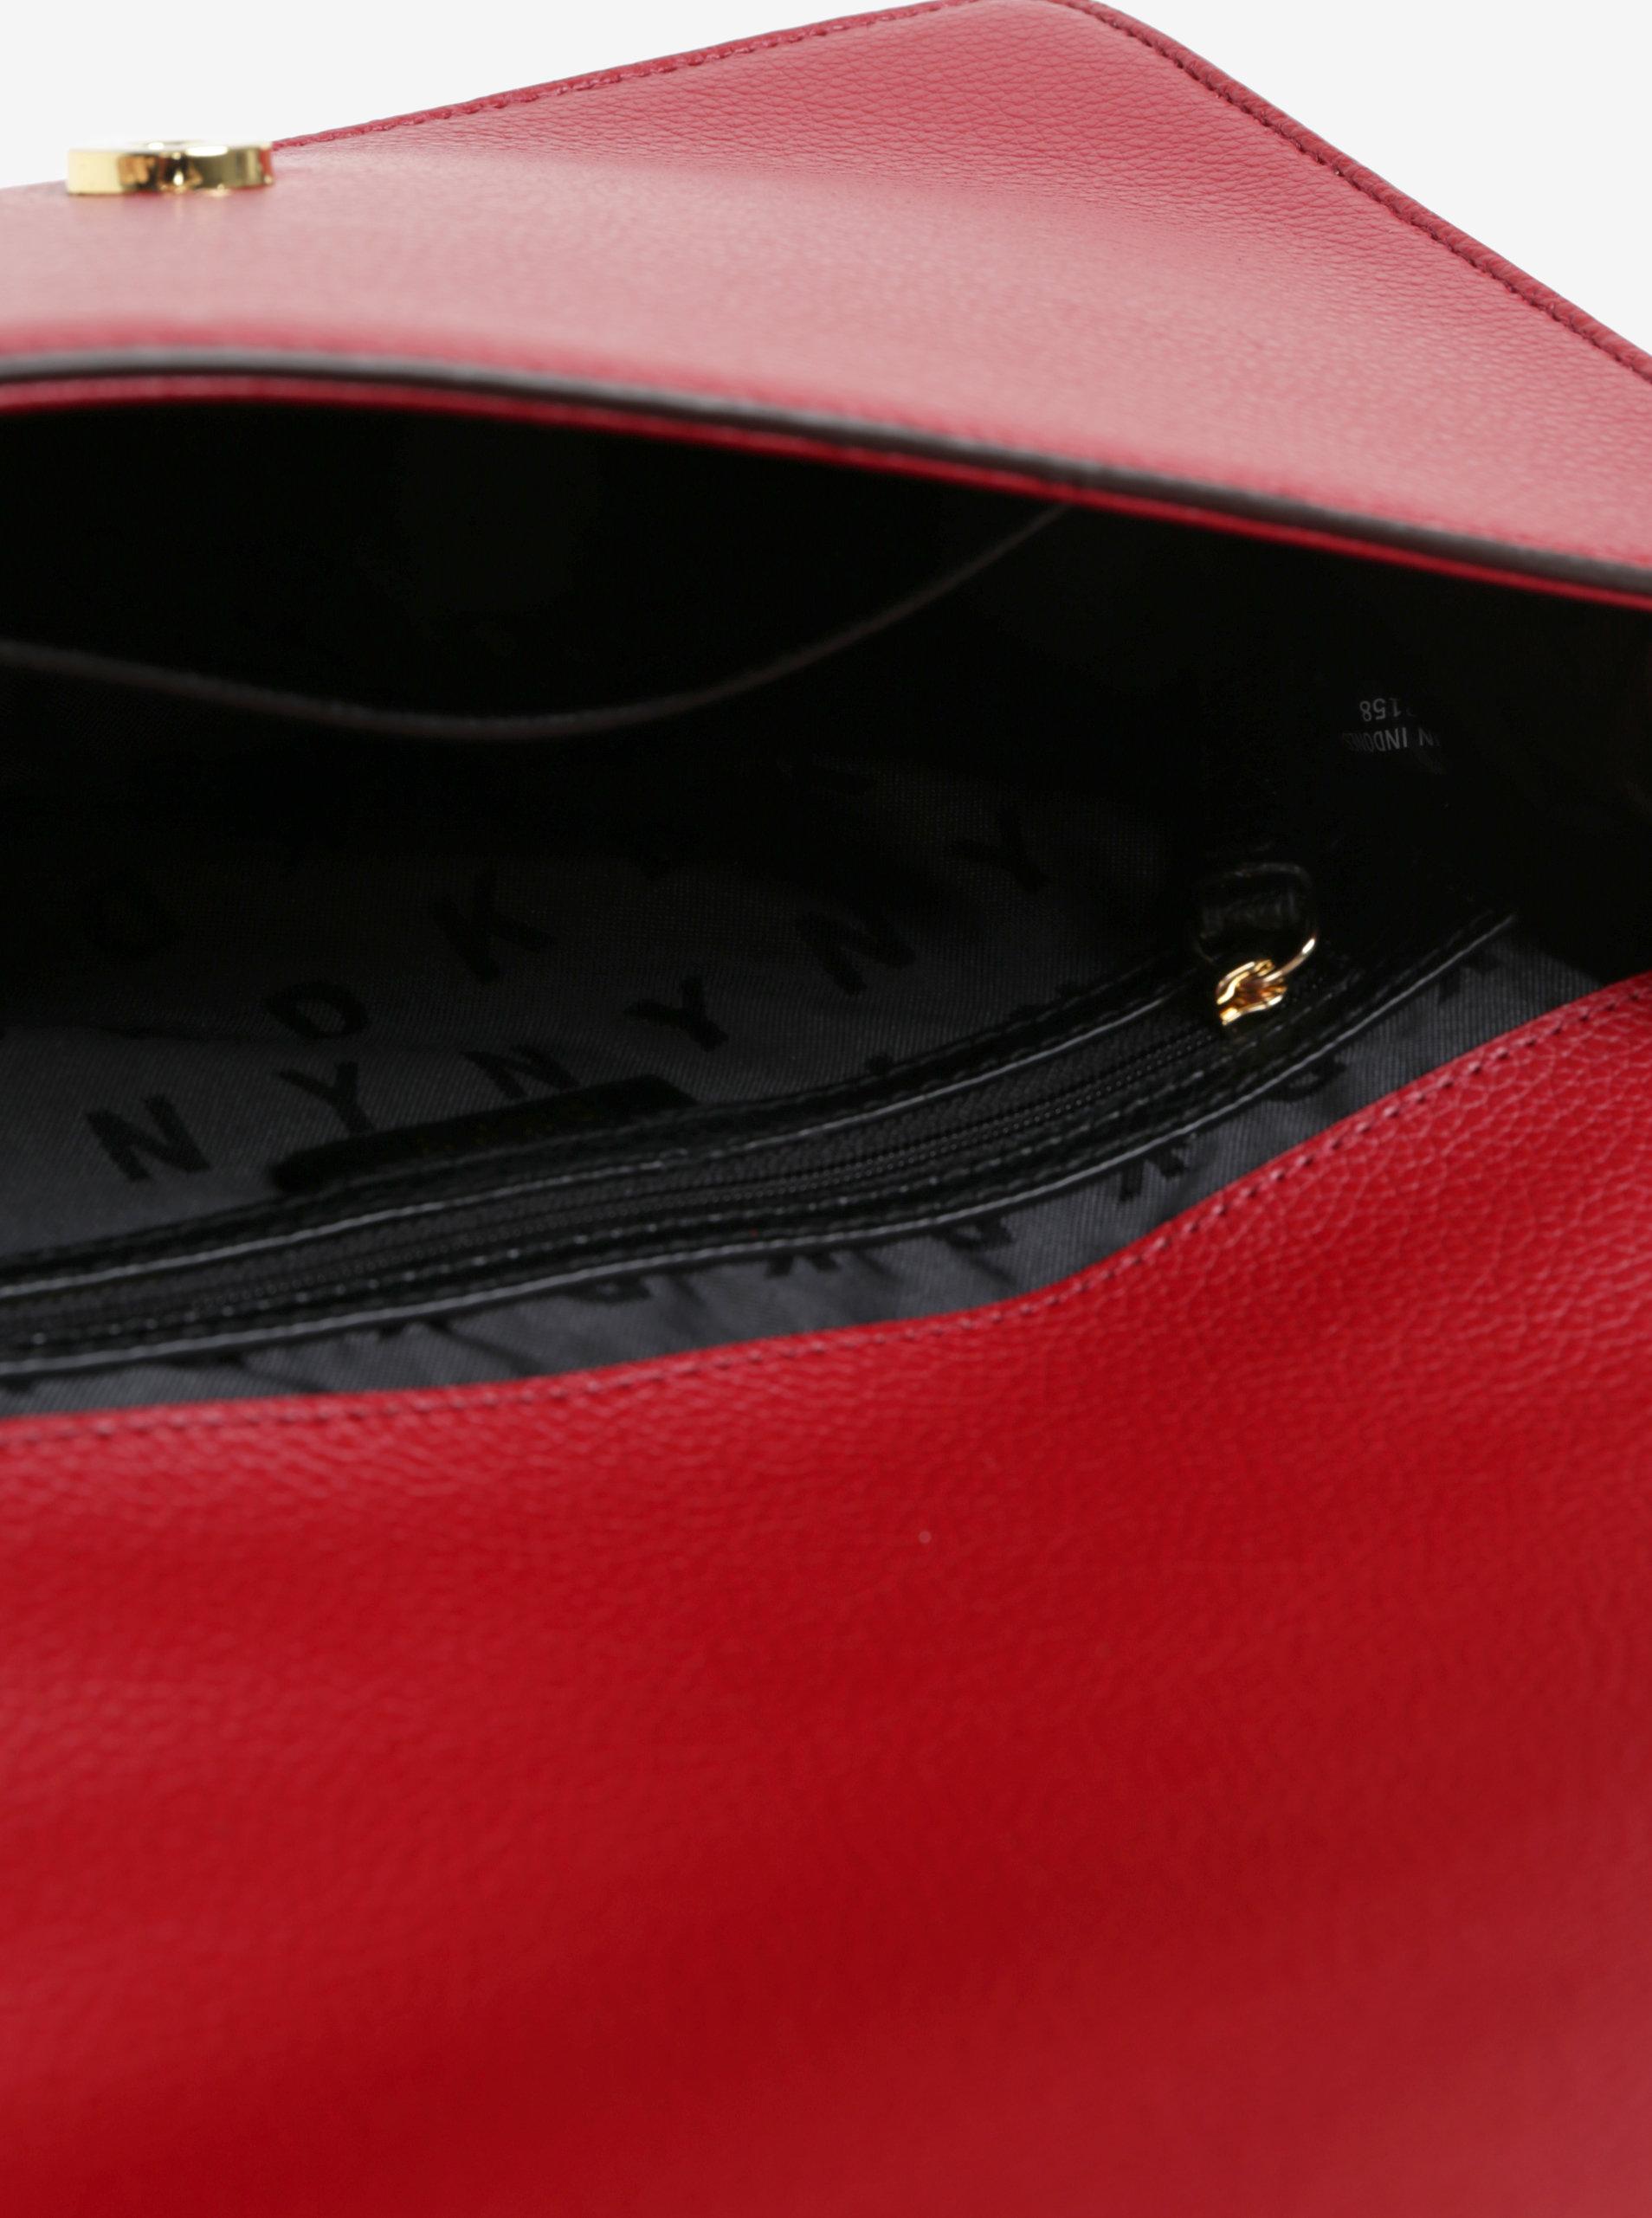 Červená kožená crossbody kabelka s detaily ve zlaté barvě DKNY Elissa ... 6f0f96ee7b